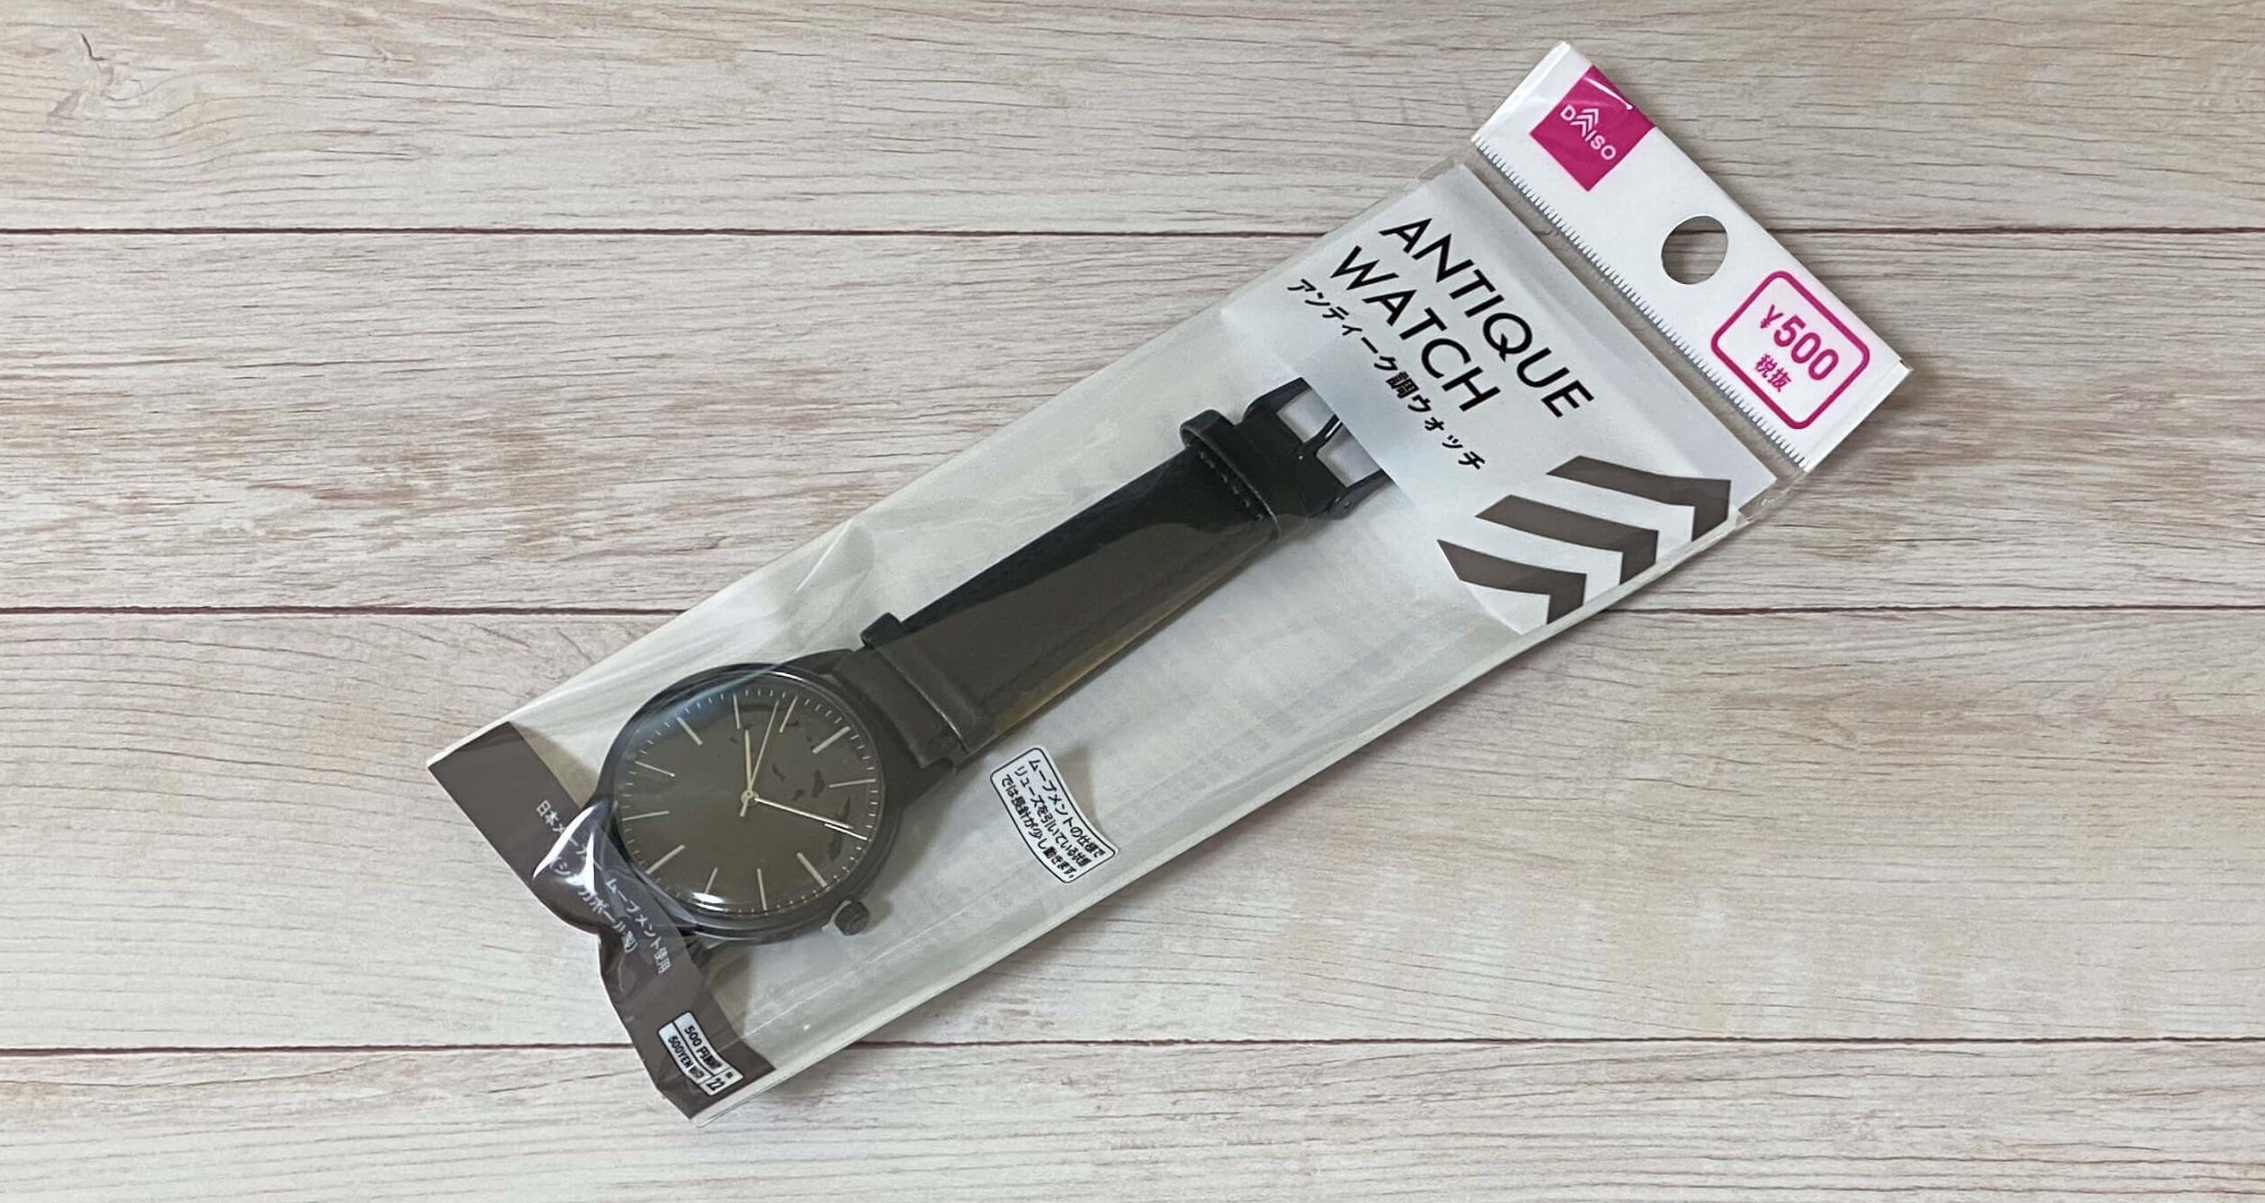 ダイソーの500円腕時計アナログタイプ